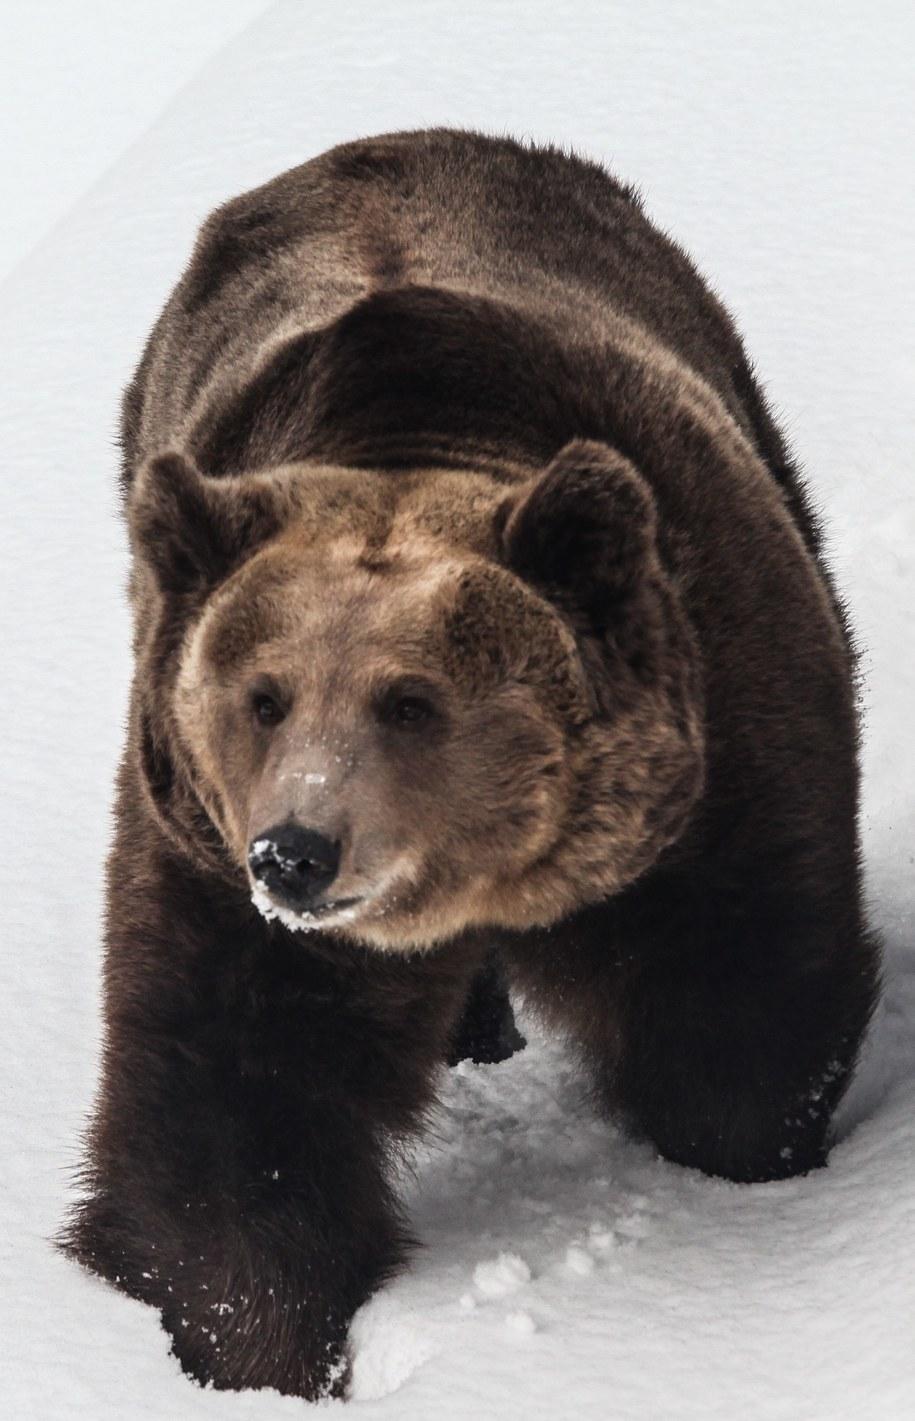 Niedźwiedź brunatny /PAP/Jakub Kamiński  /PAP